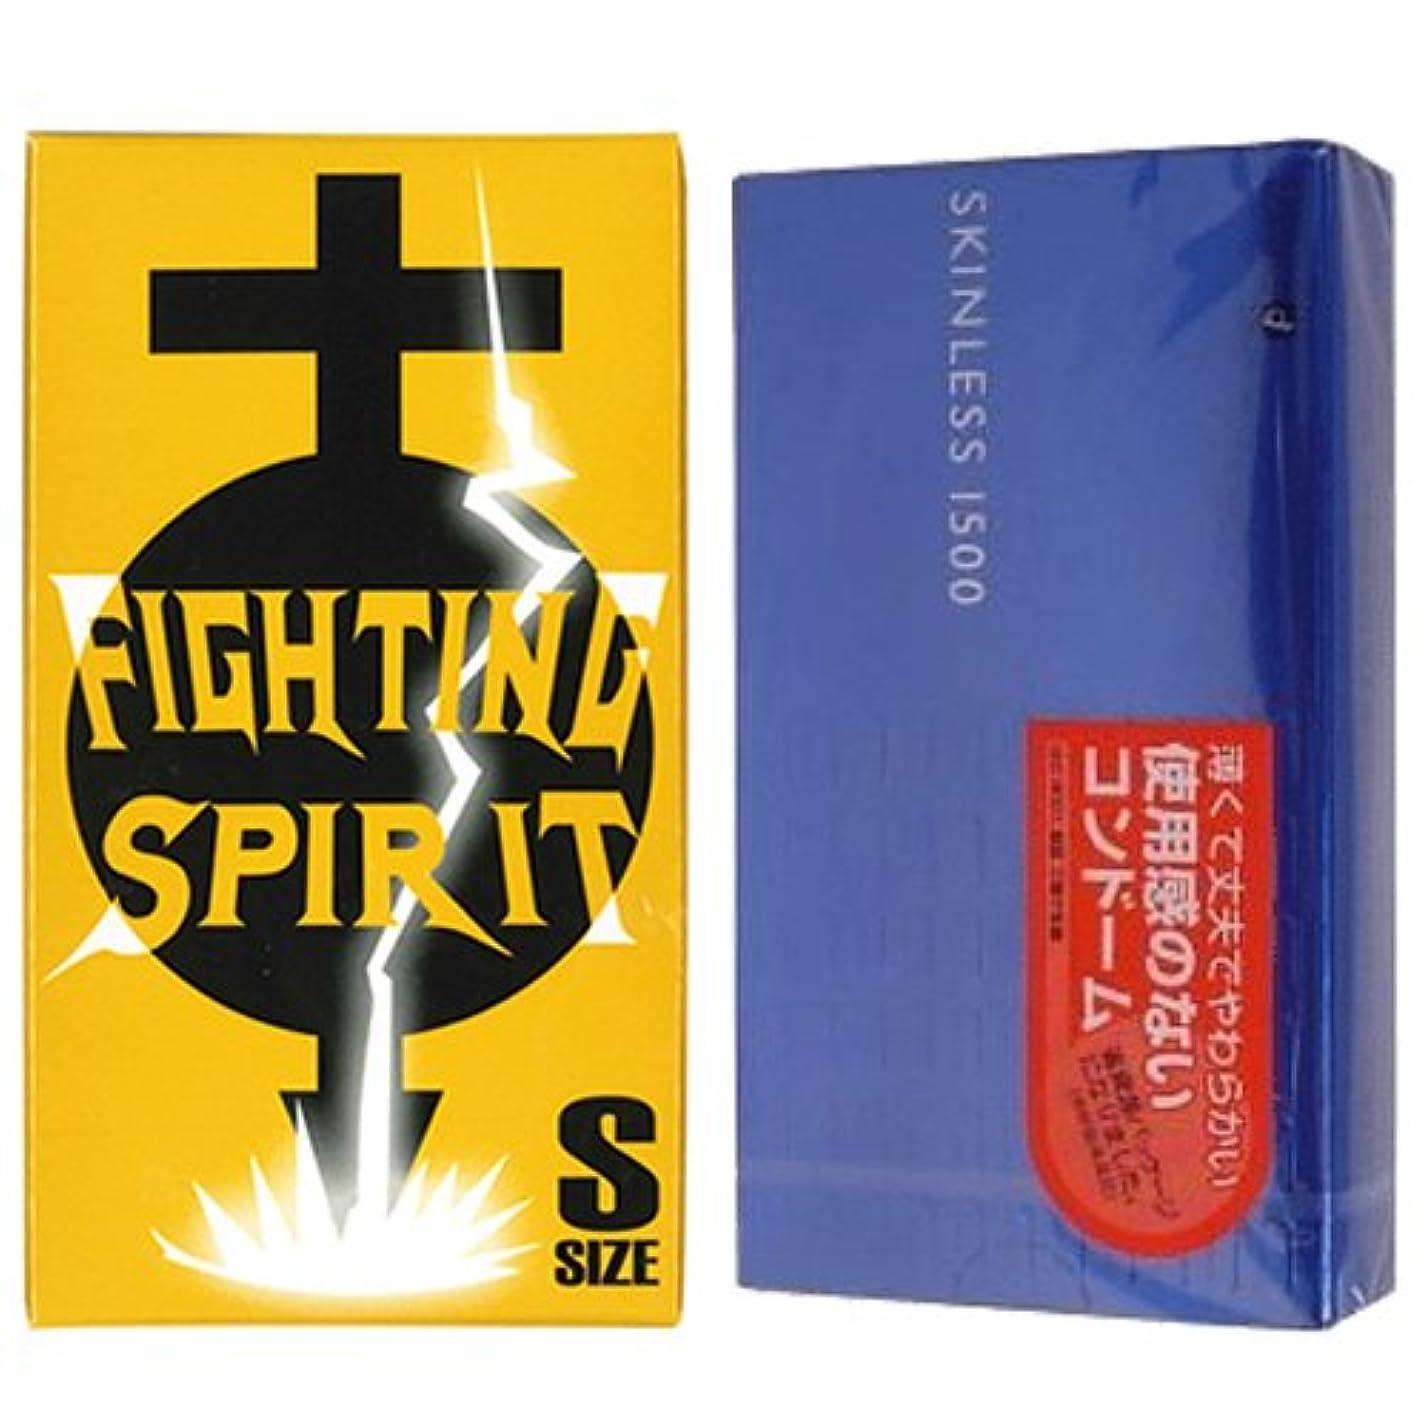 オカモト スキンレス 1500 12個入 + FIGHTING SPIRIT (ファイティングスピリット) コンドーム Sサイズ 12個入